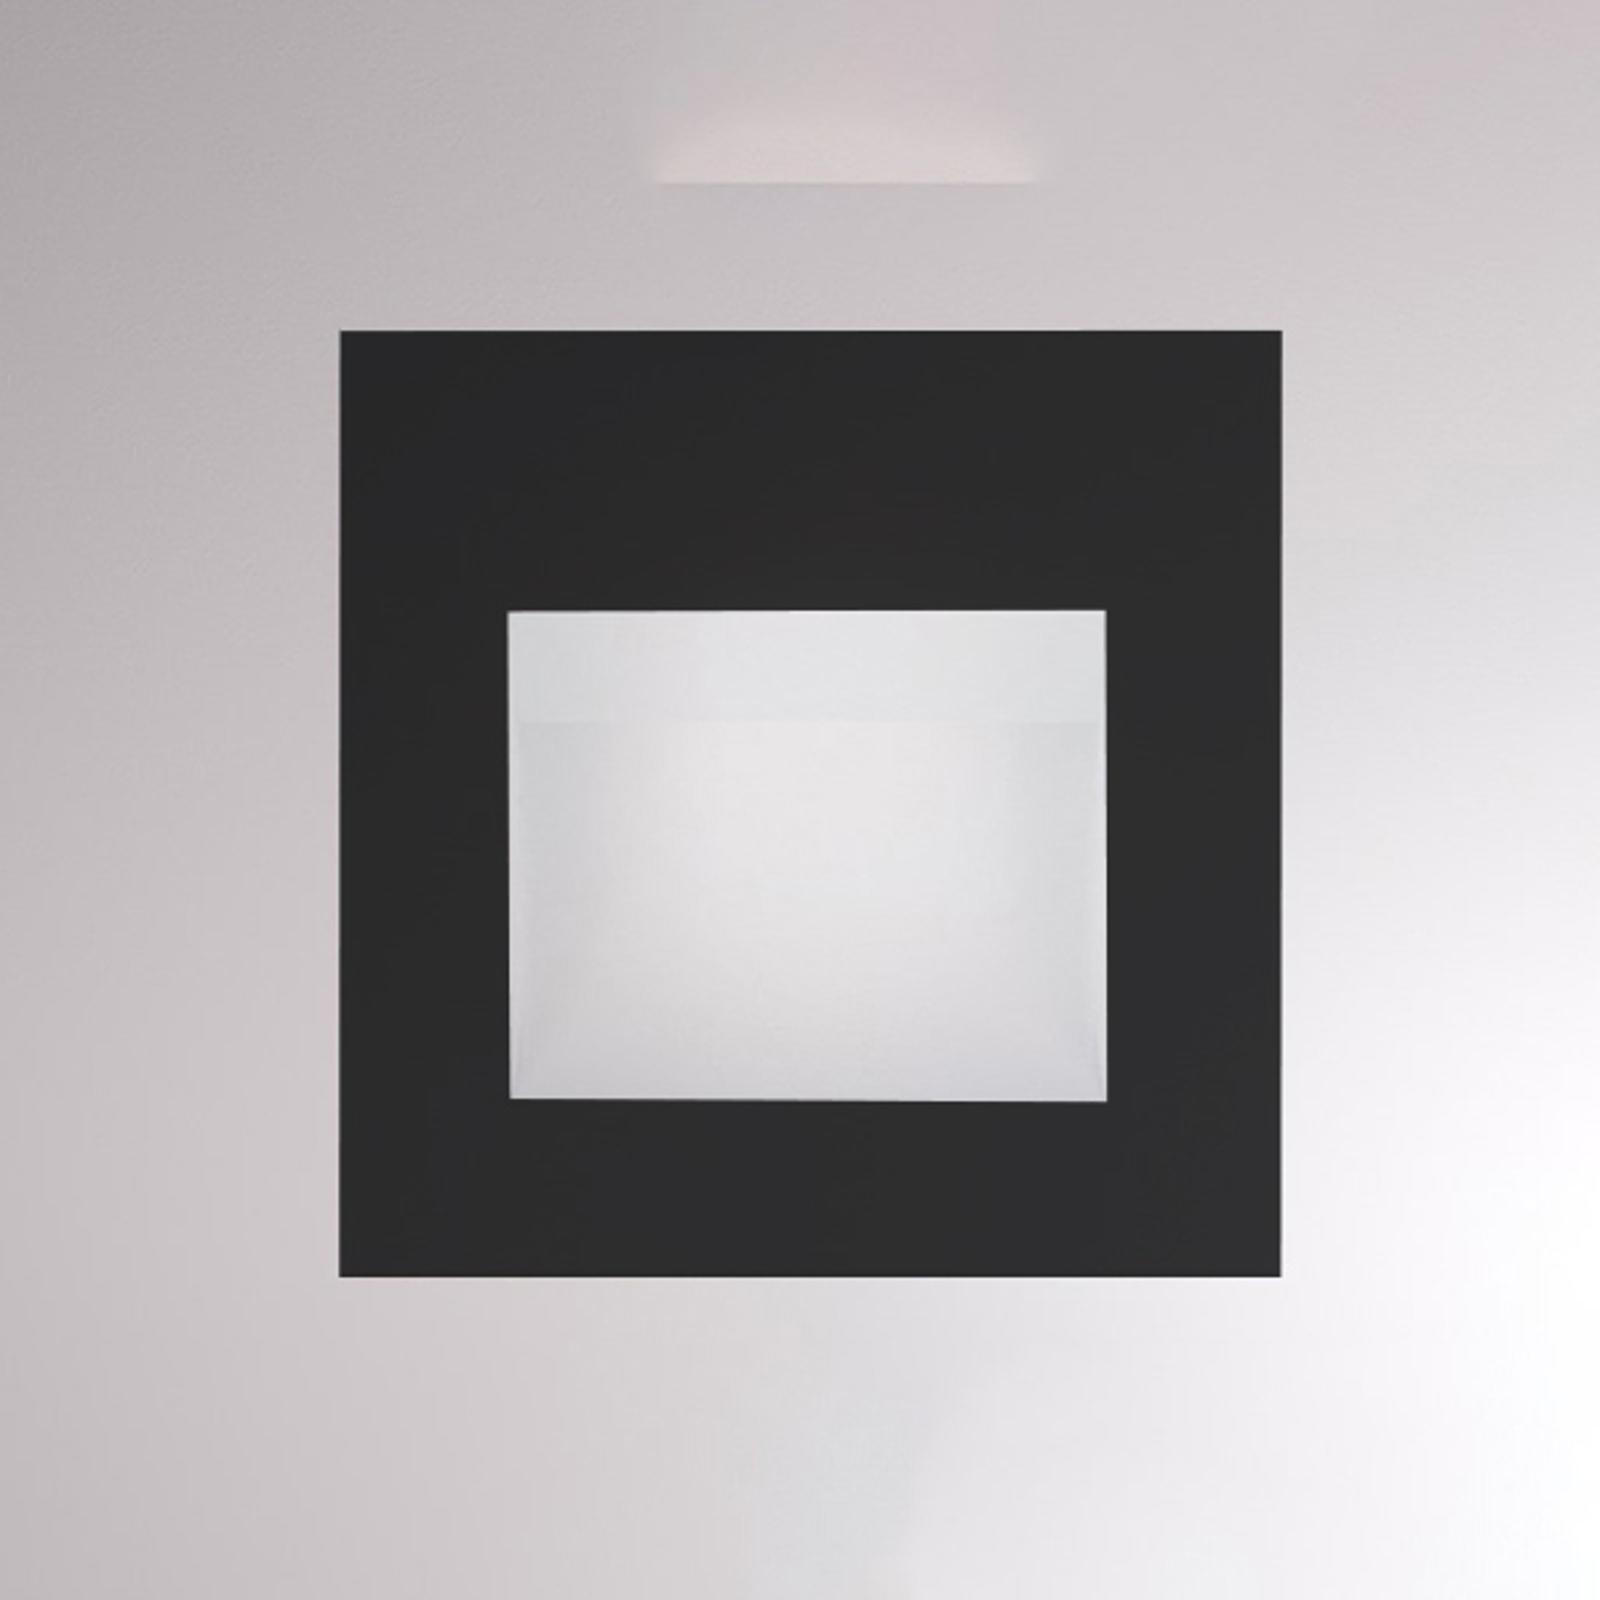 LED-seinäuppovalaisin Pan, musta